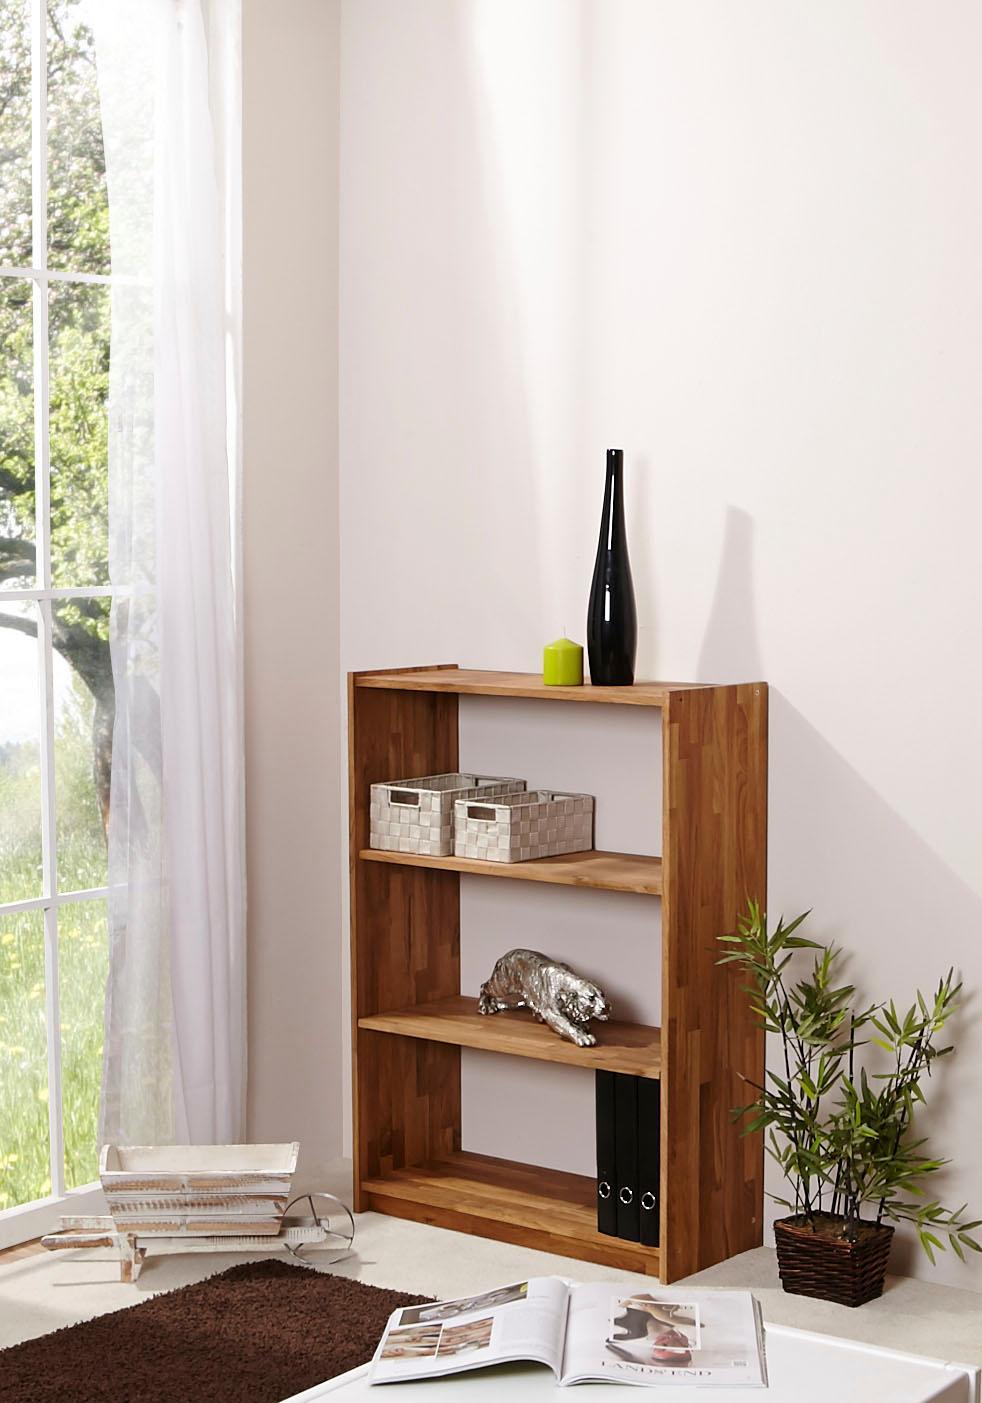 Ticaa Standregal in 4 Höhen von 111 - 214 cm Eiche | Kinderzimmer > Kinderzimmerregale | Braun | Ticaa